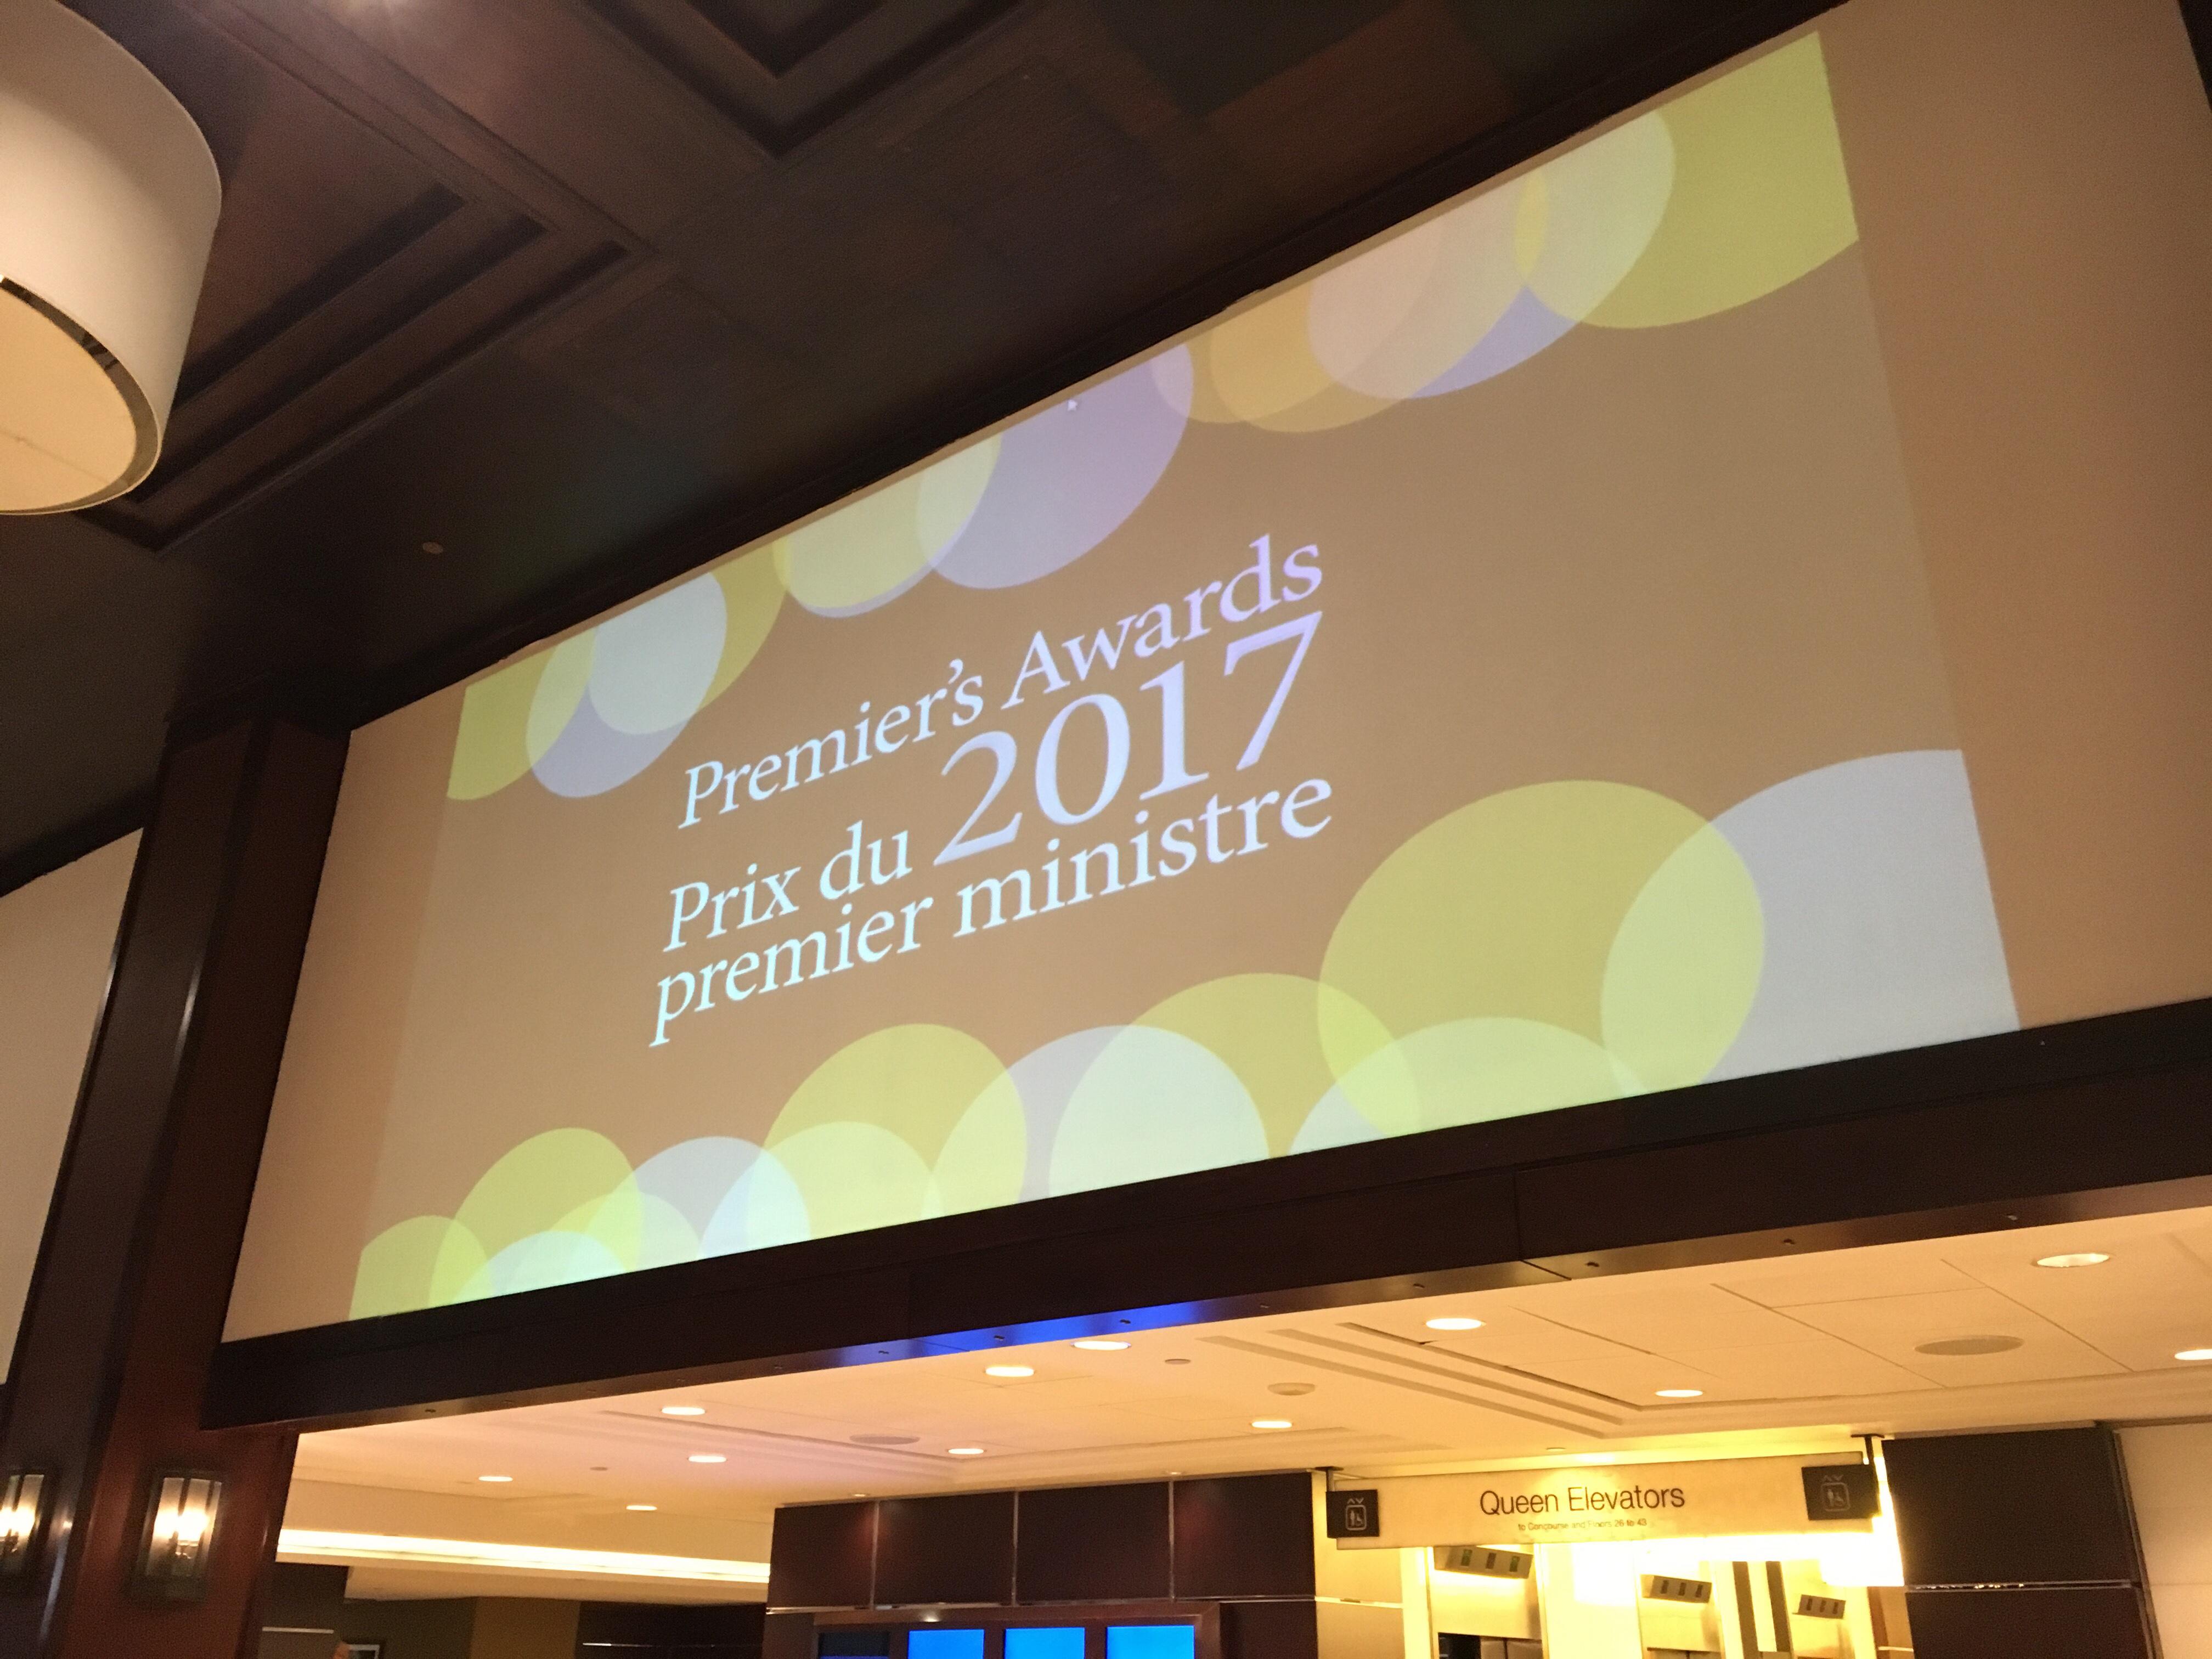 A Premiere Nomination